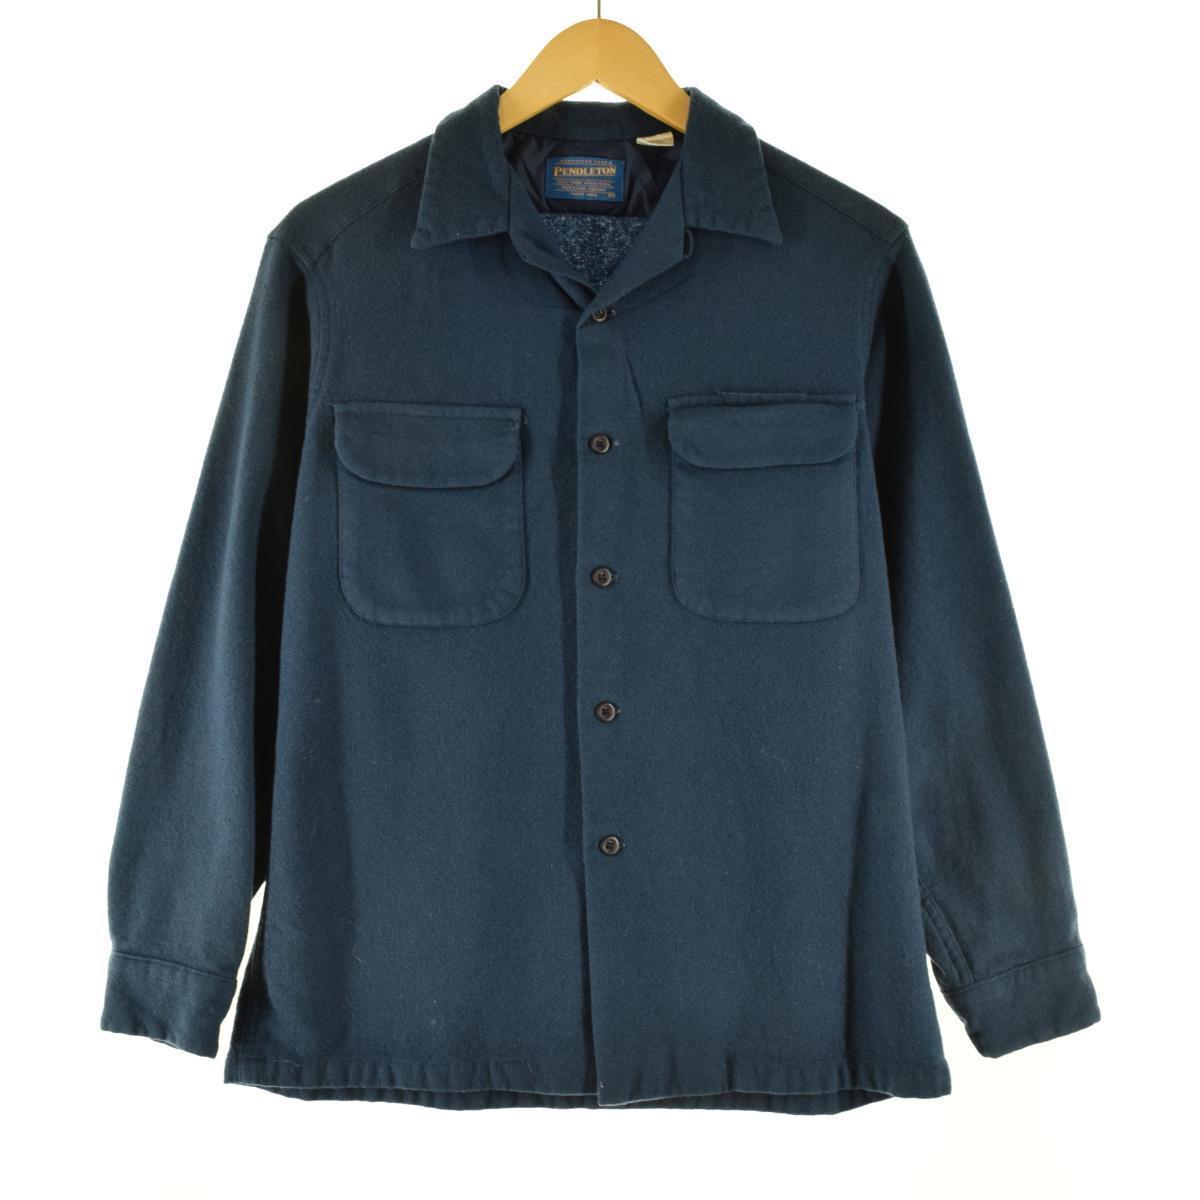 古着屋JAMが雑誌『Begin』に衣装提供